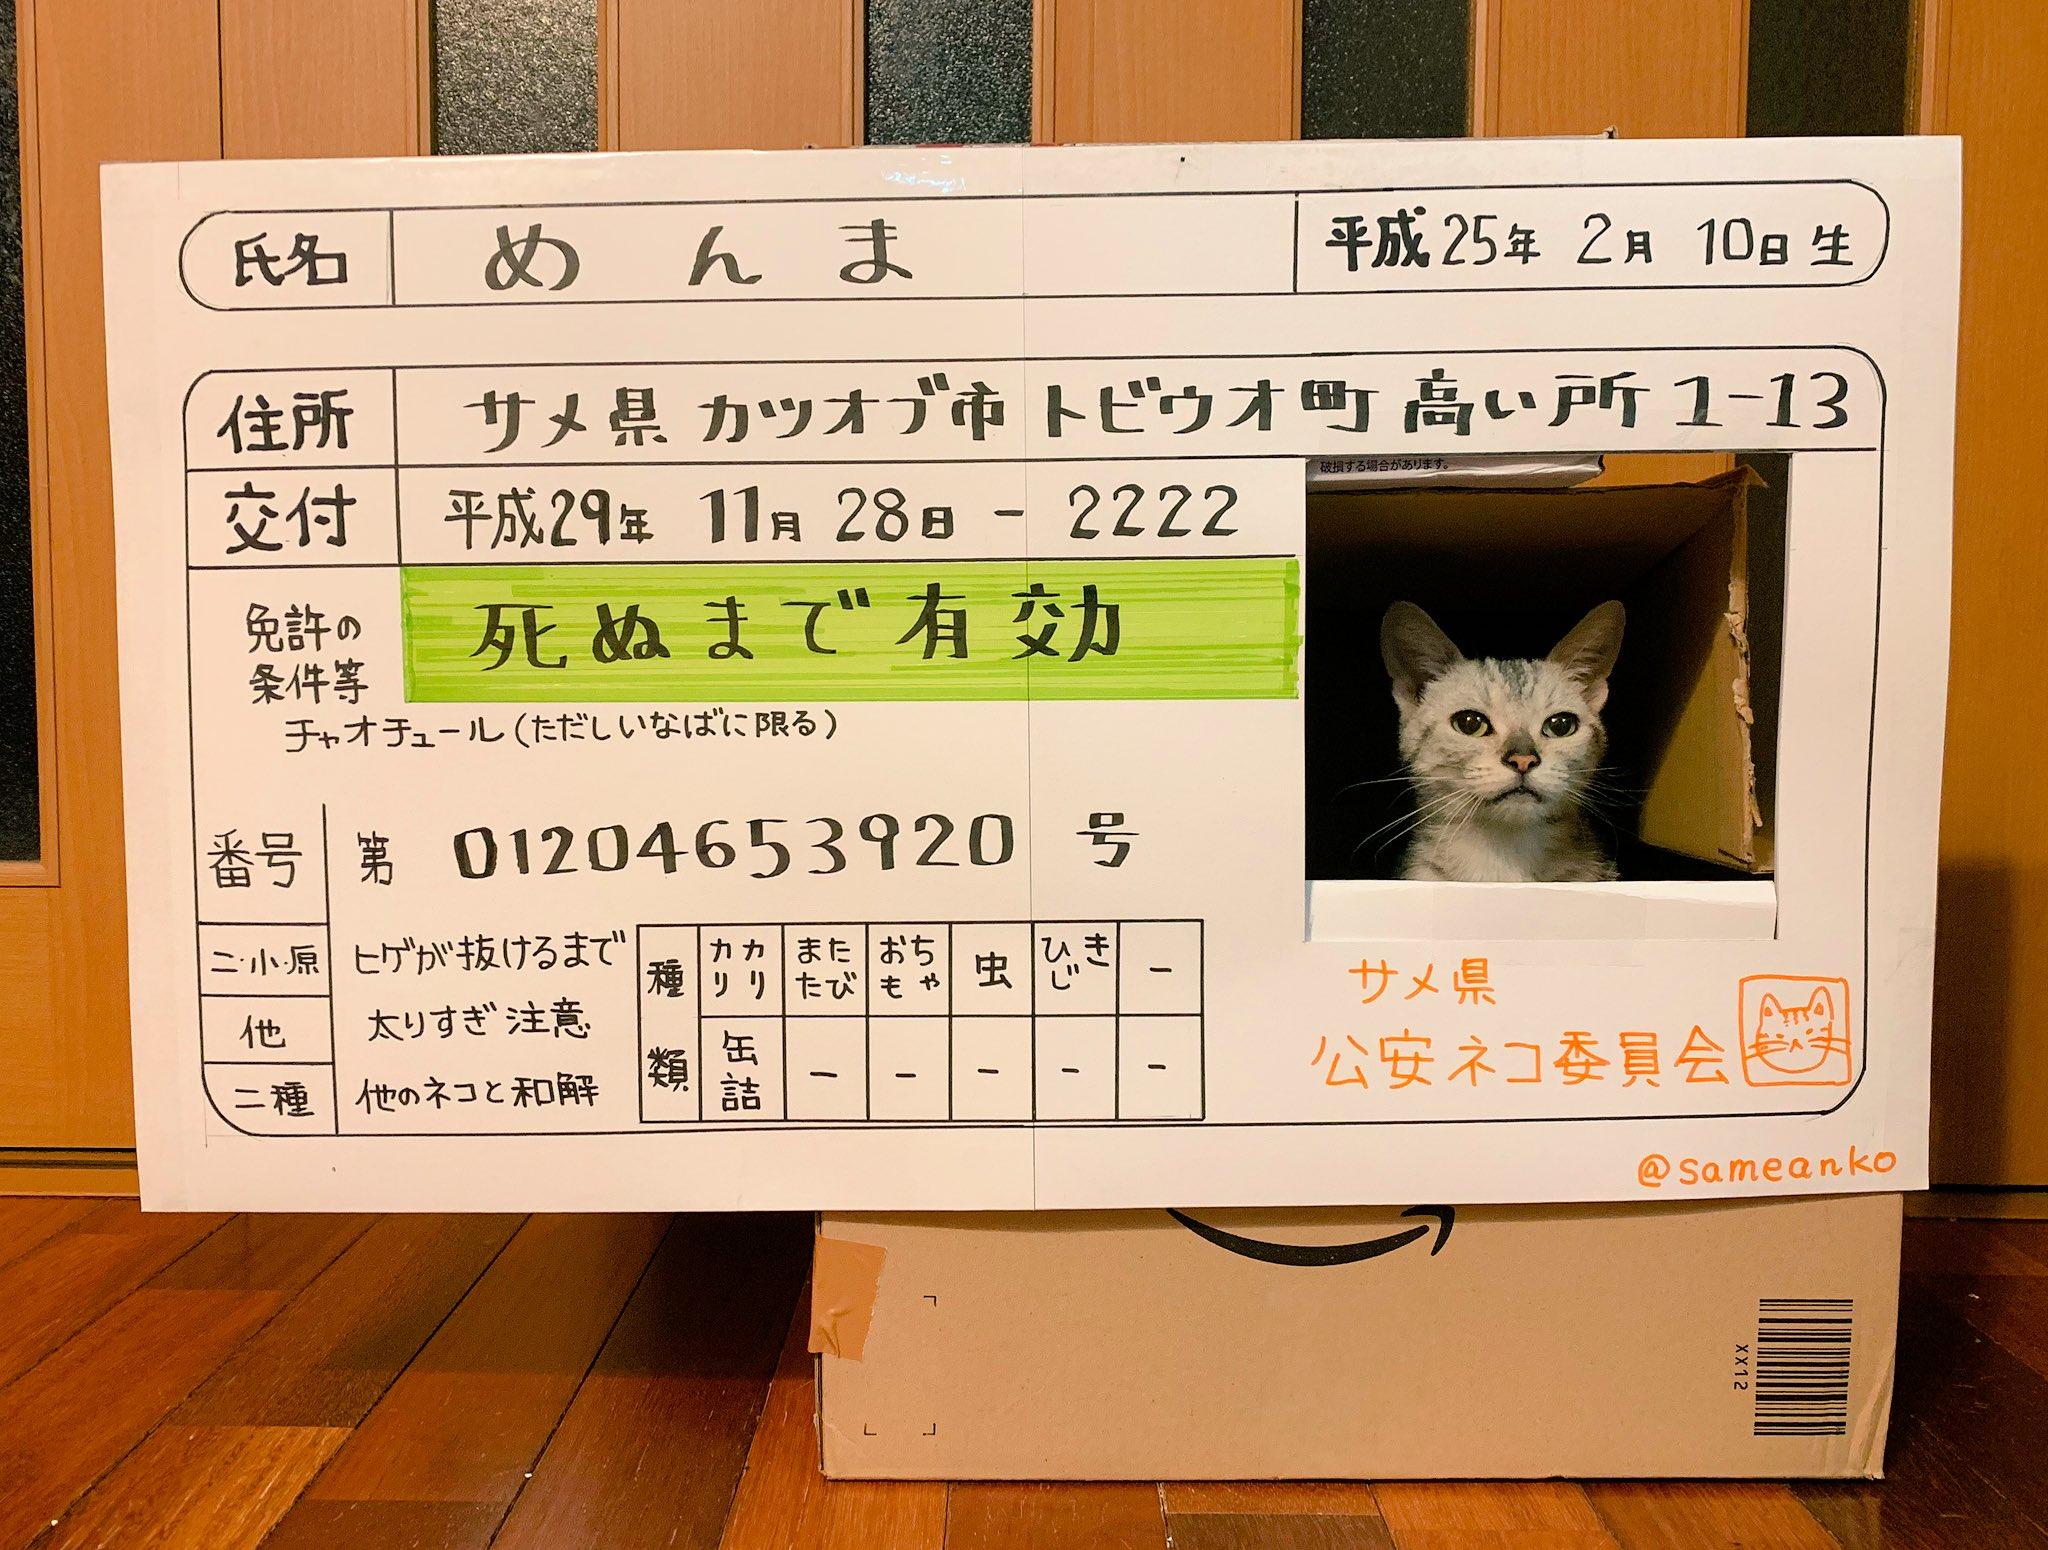 猫がいつもダンボールから顔出してるので免許証にしてやりました。